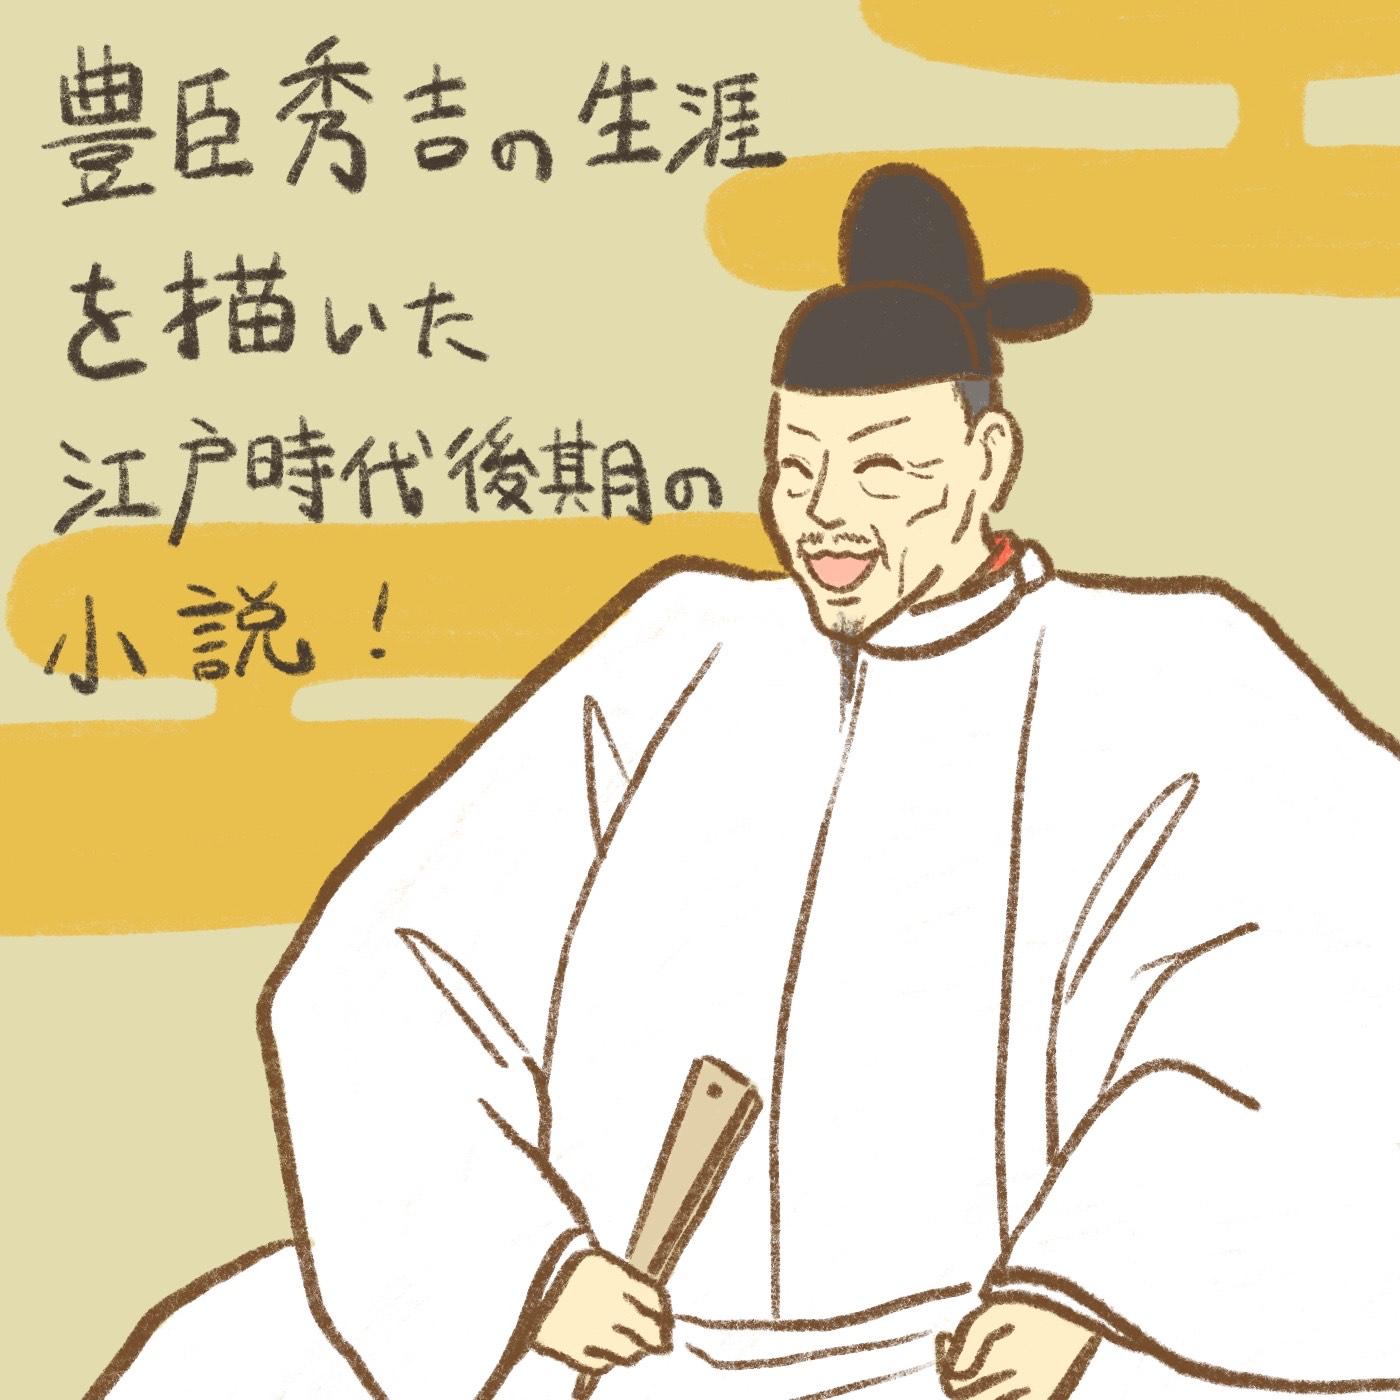 OBIKAKE ナニソレ 豊臣秀吉 『絵本太閤記』 つちやさや